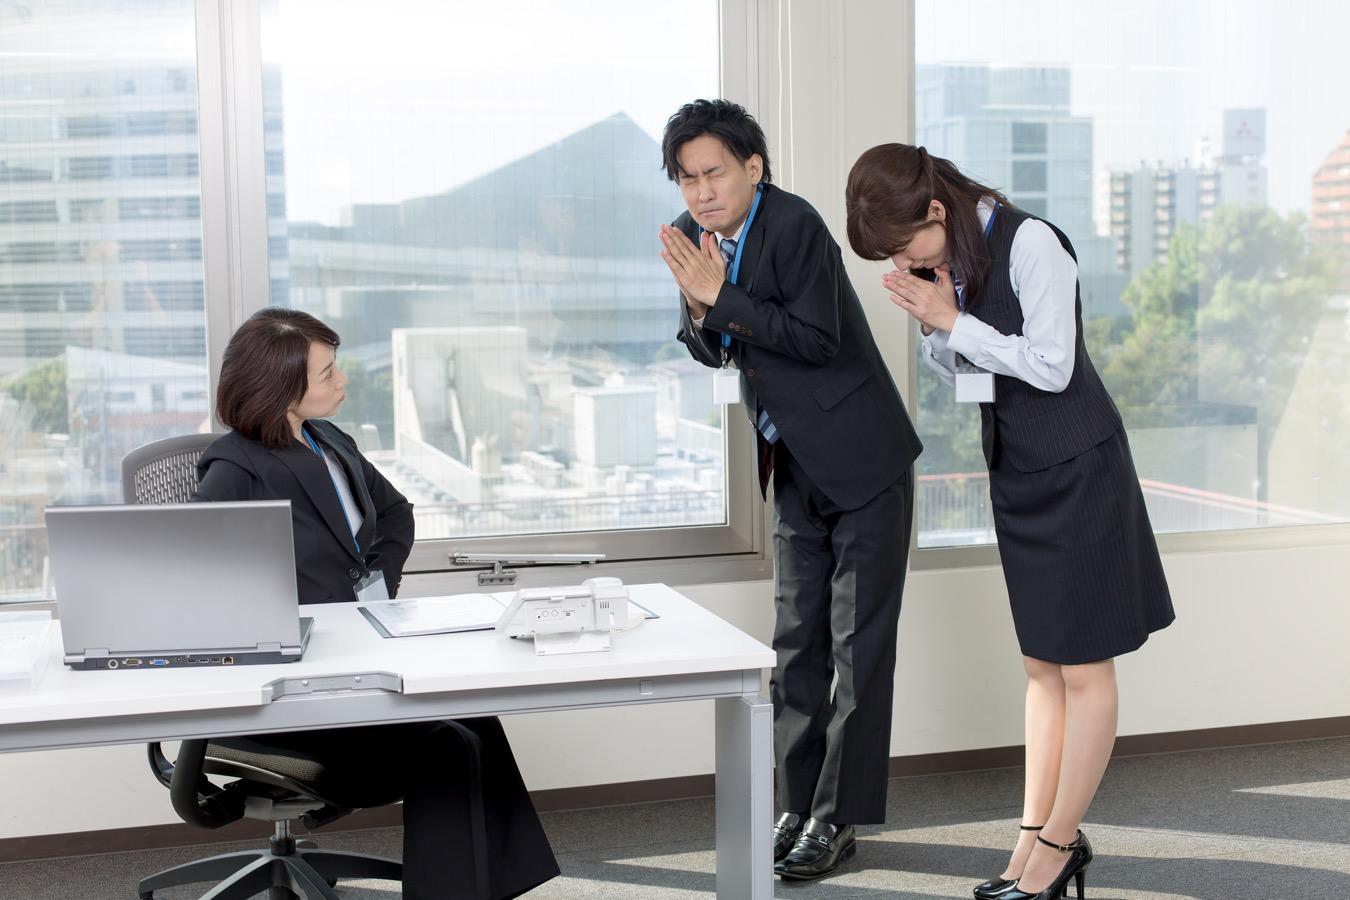 未経験から銀行就職を目指す人必見!銀行業界研究完全版Vol.6